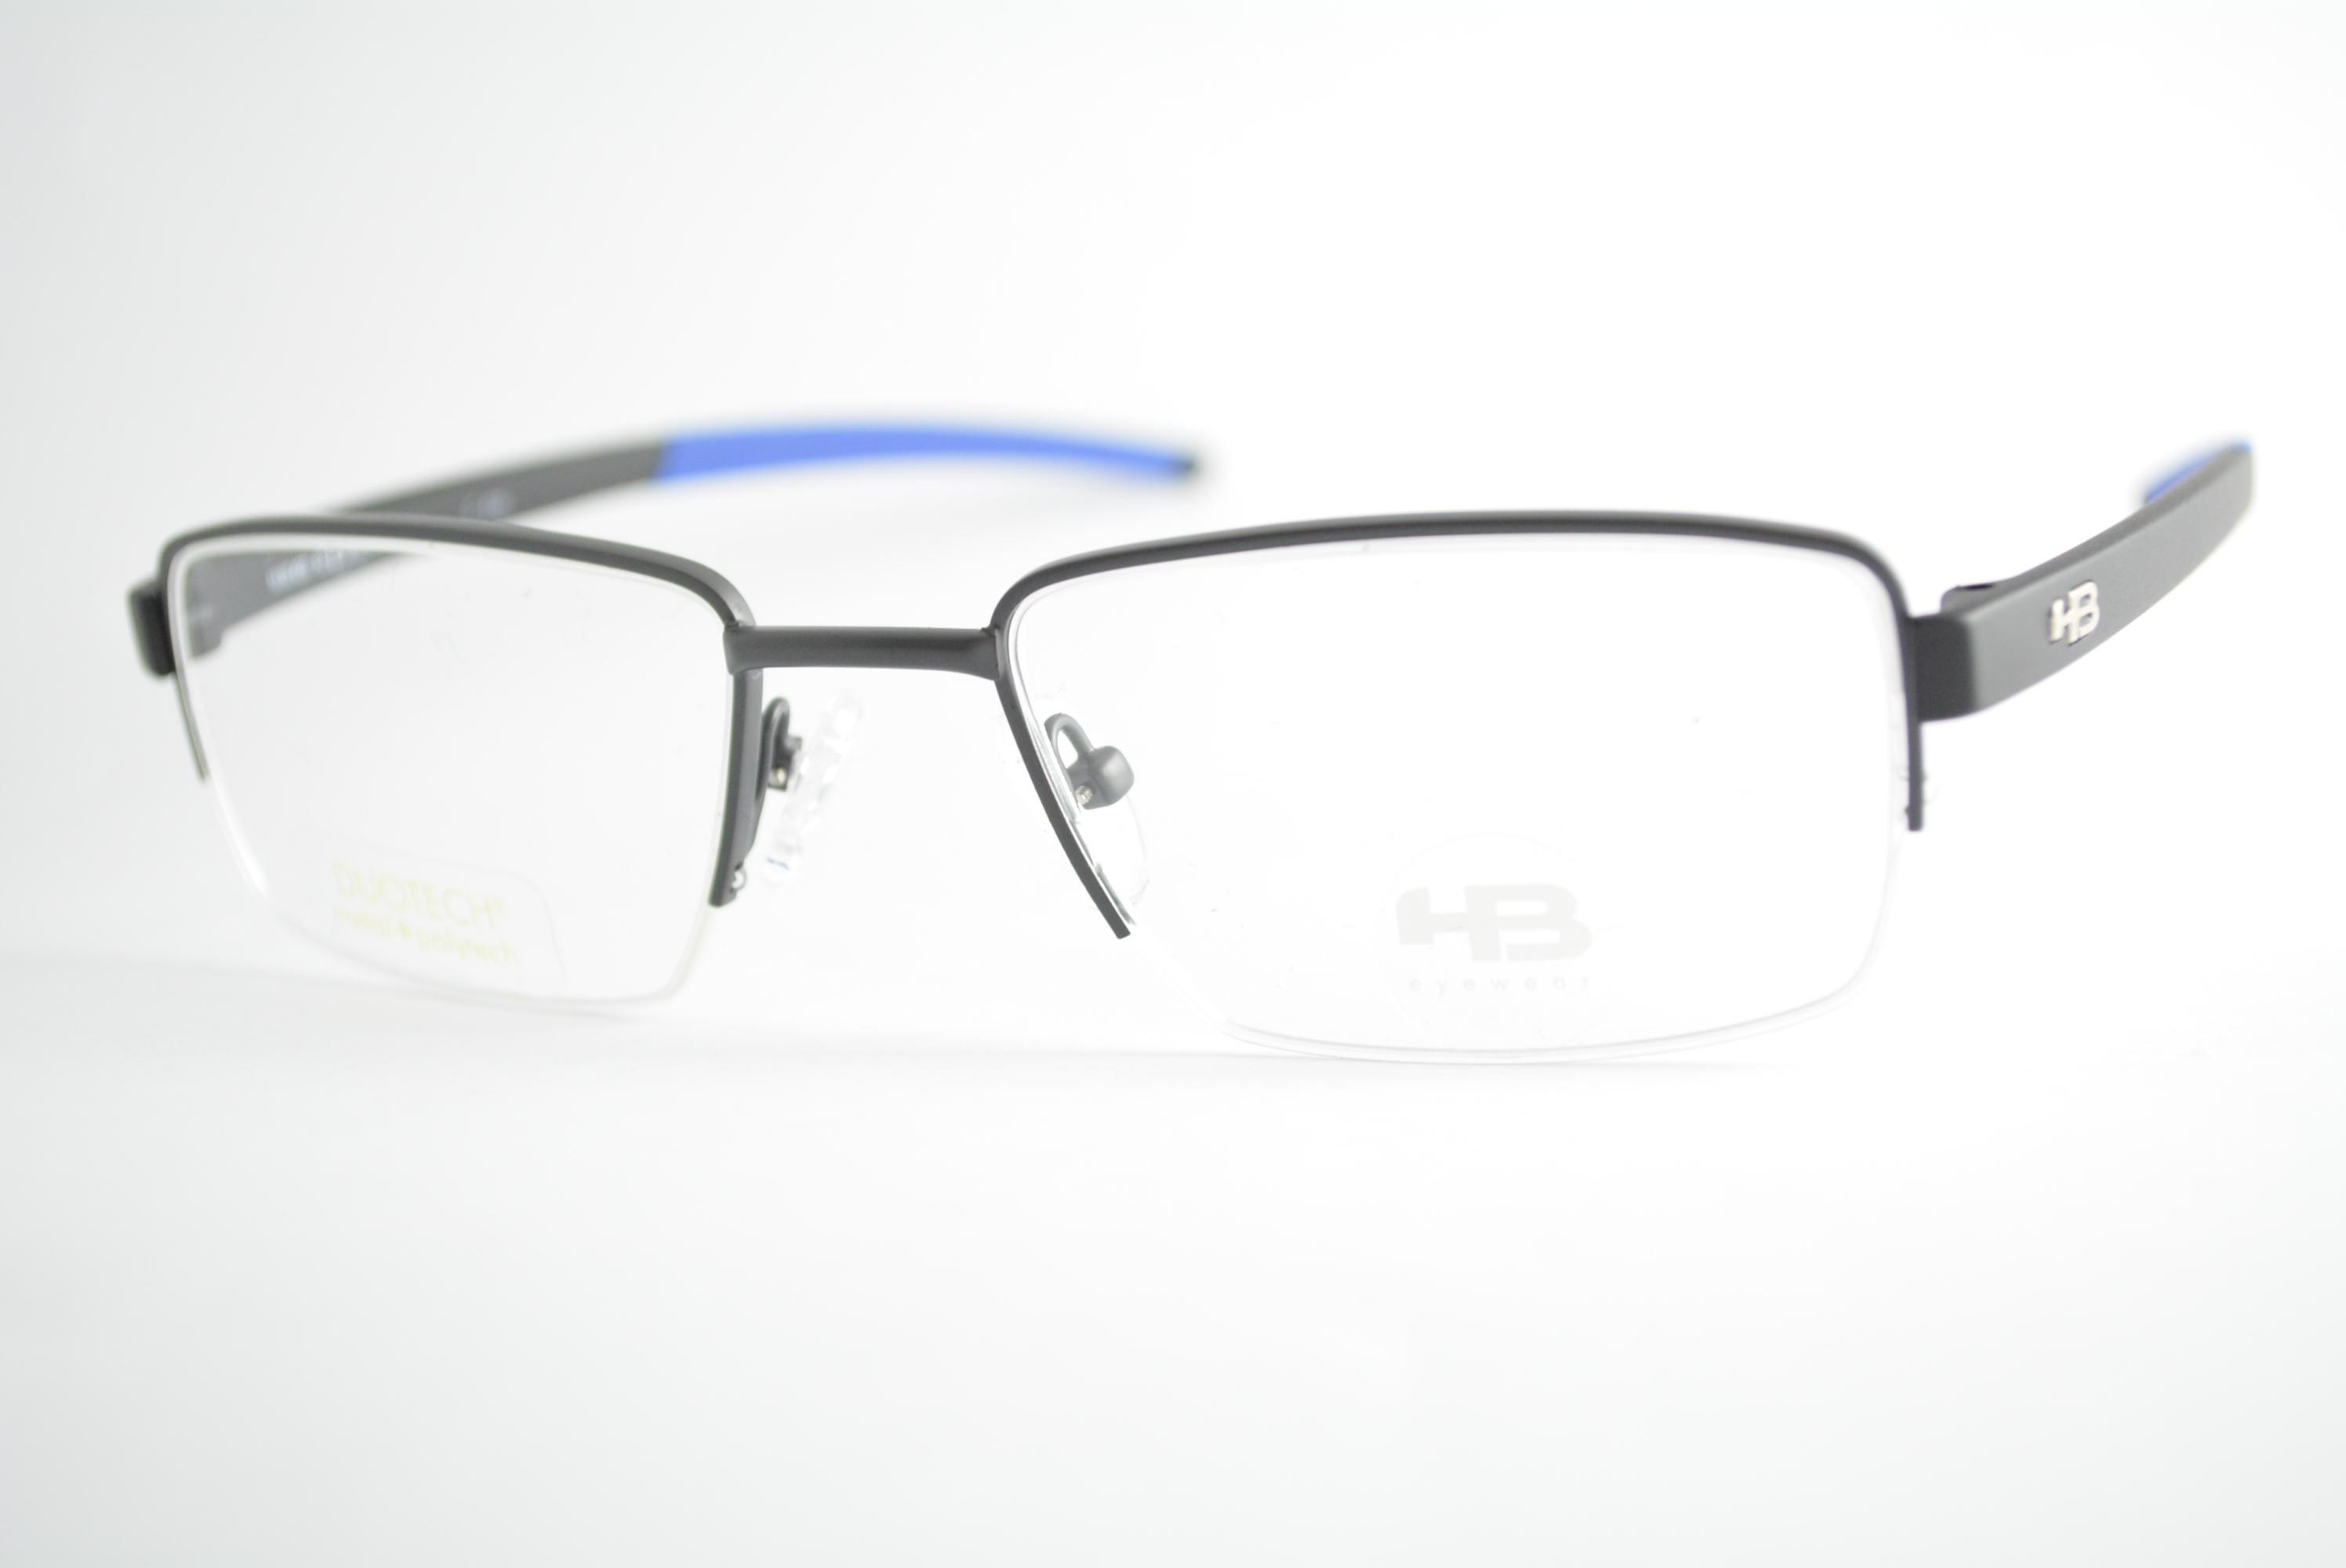 armação de óculos HB mod m93420 c530